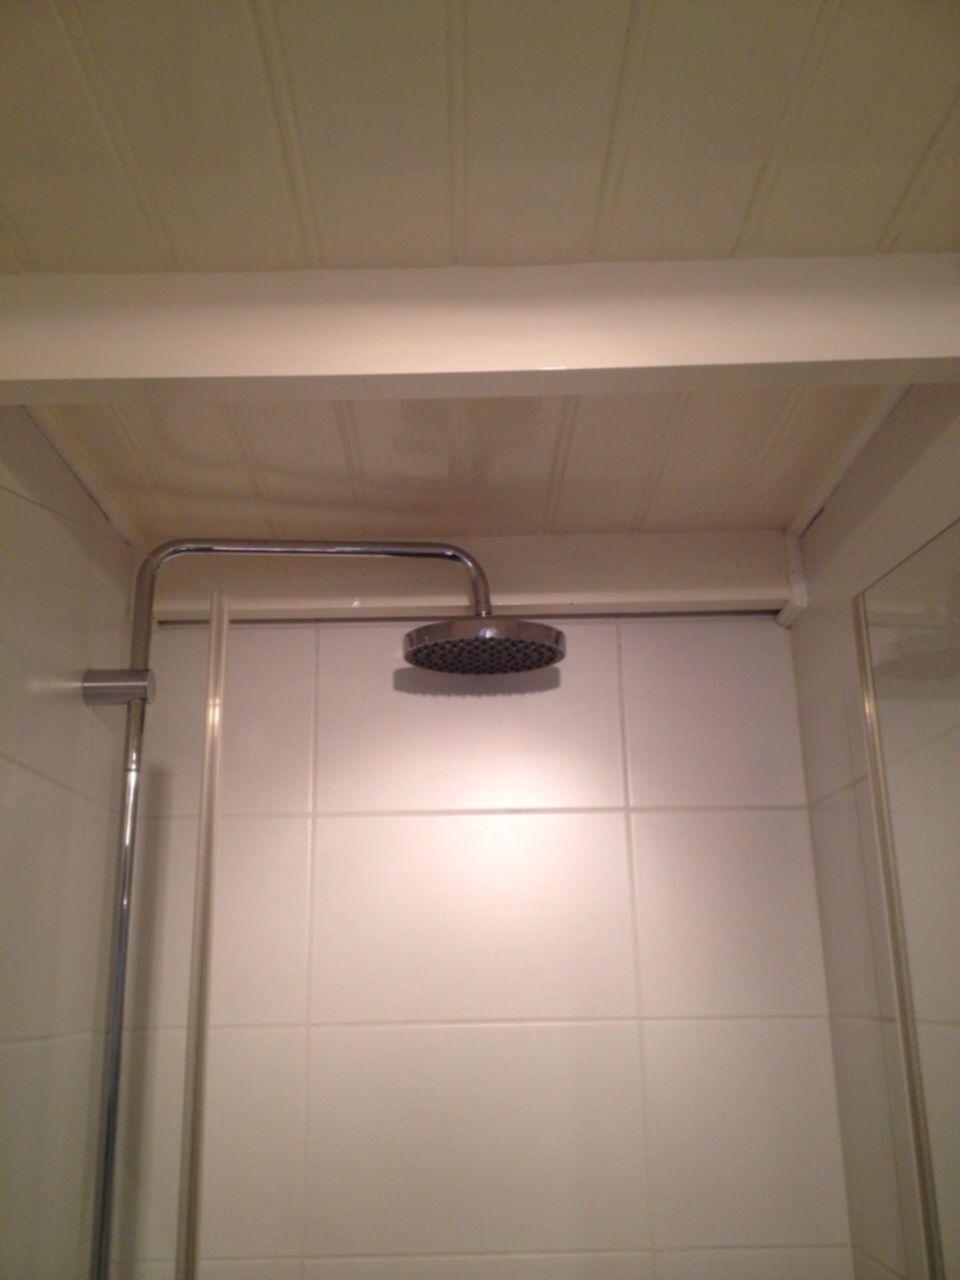 Geschikte verf badkamerplafond | voordemakers.nl